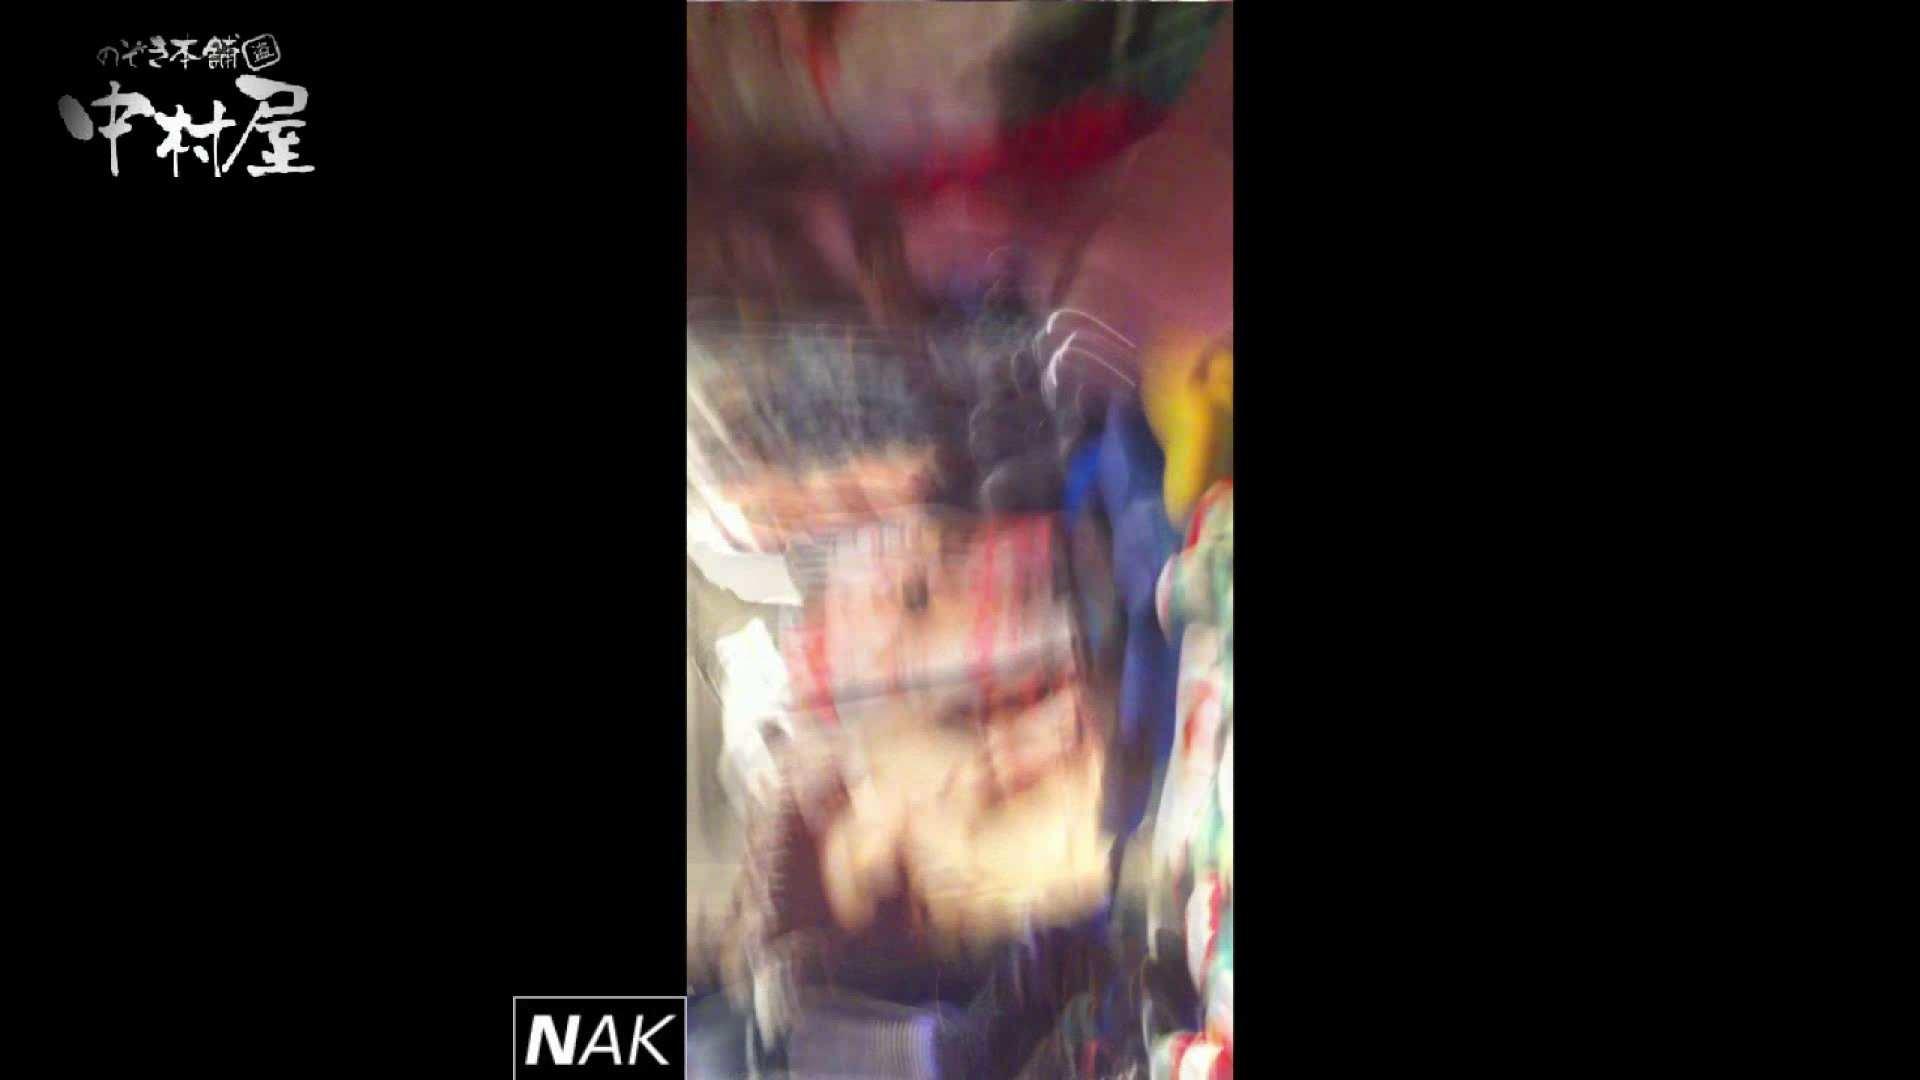 ハイビジョン盗撮!ショップ店員千人斬り!パンチラ編 vol.38 OLのエロ生活 | オマタギャル  69連発 9